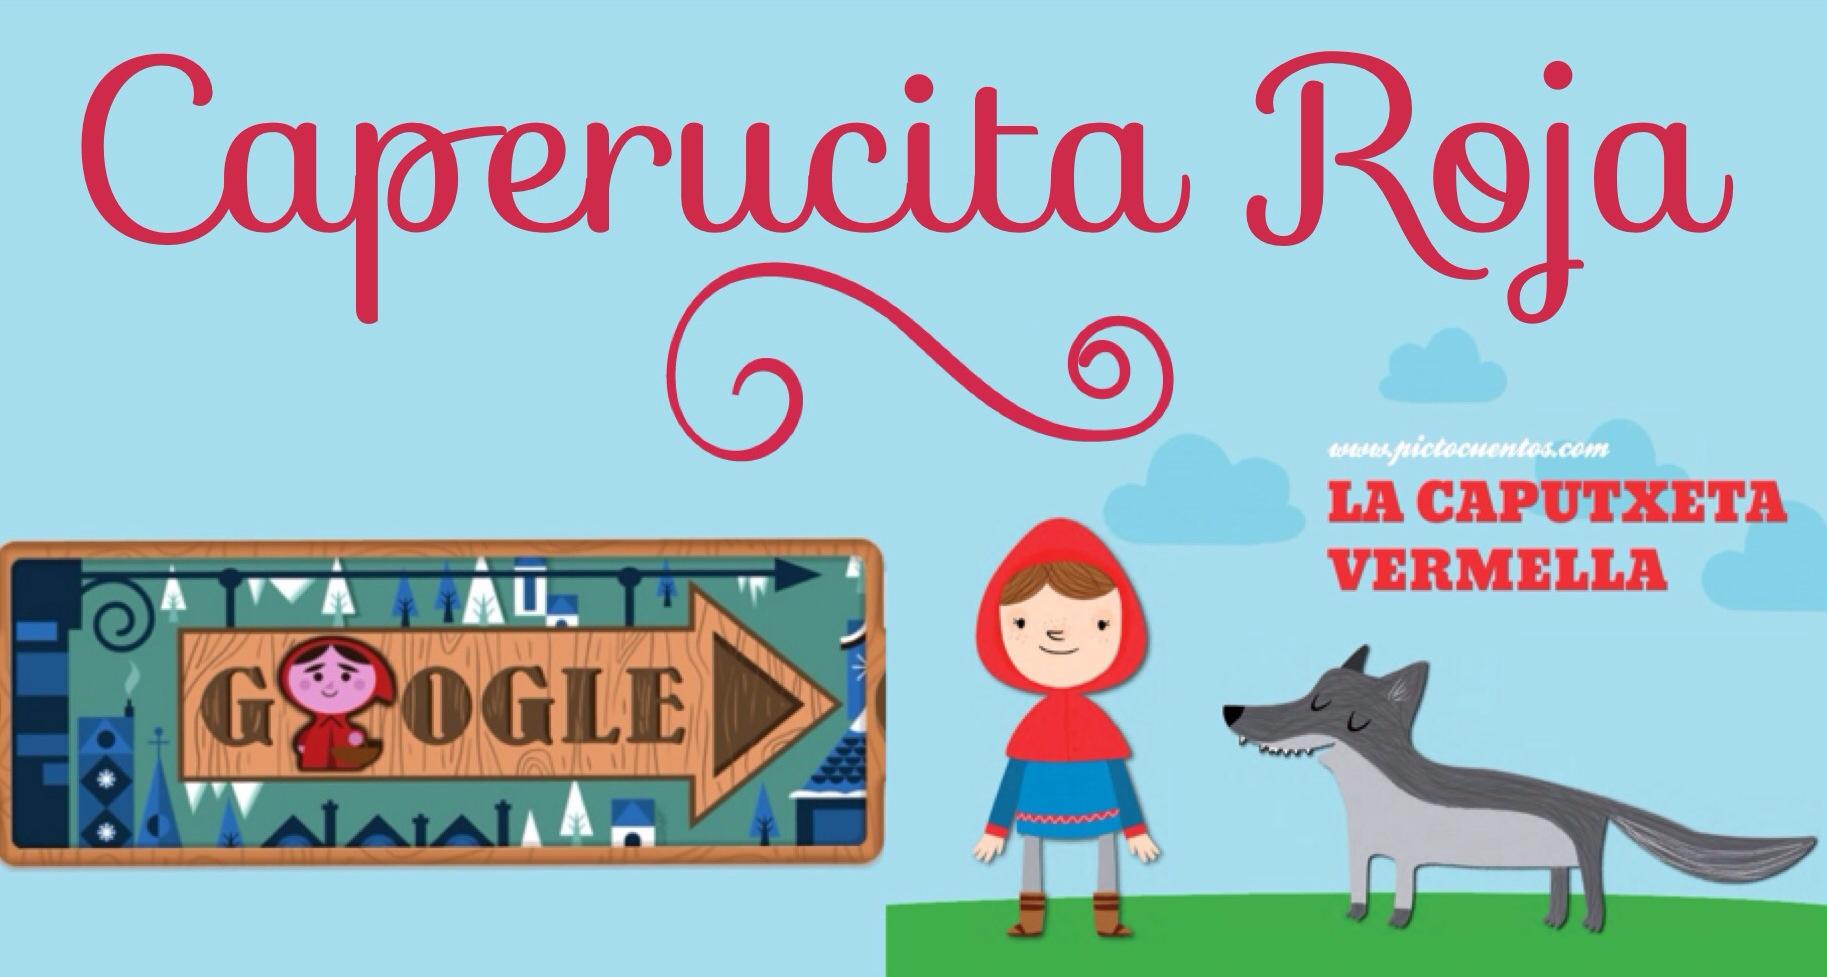 Caperucita Roja con Pictoaplicaciones y un doodle de Google